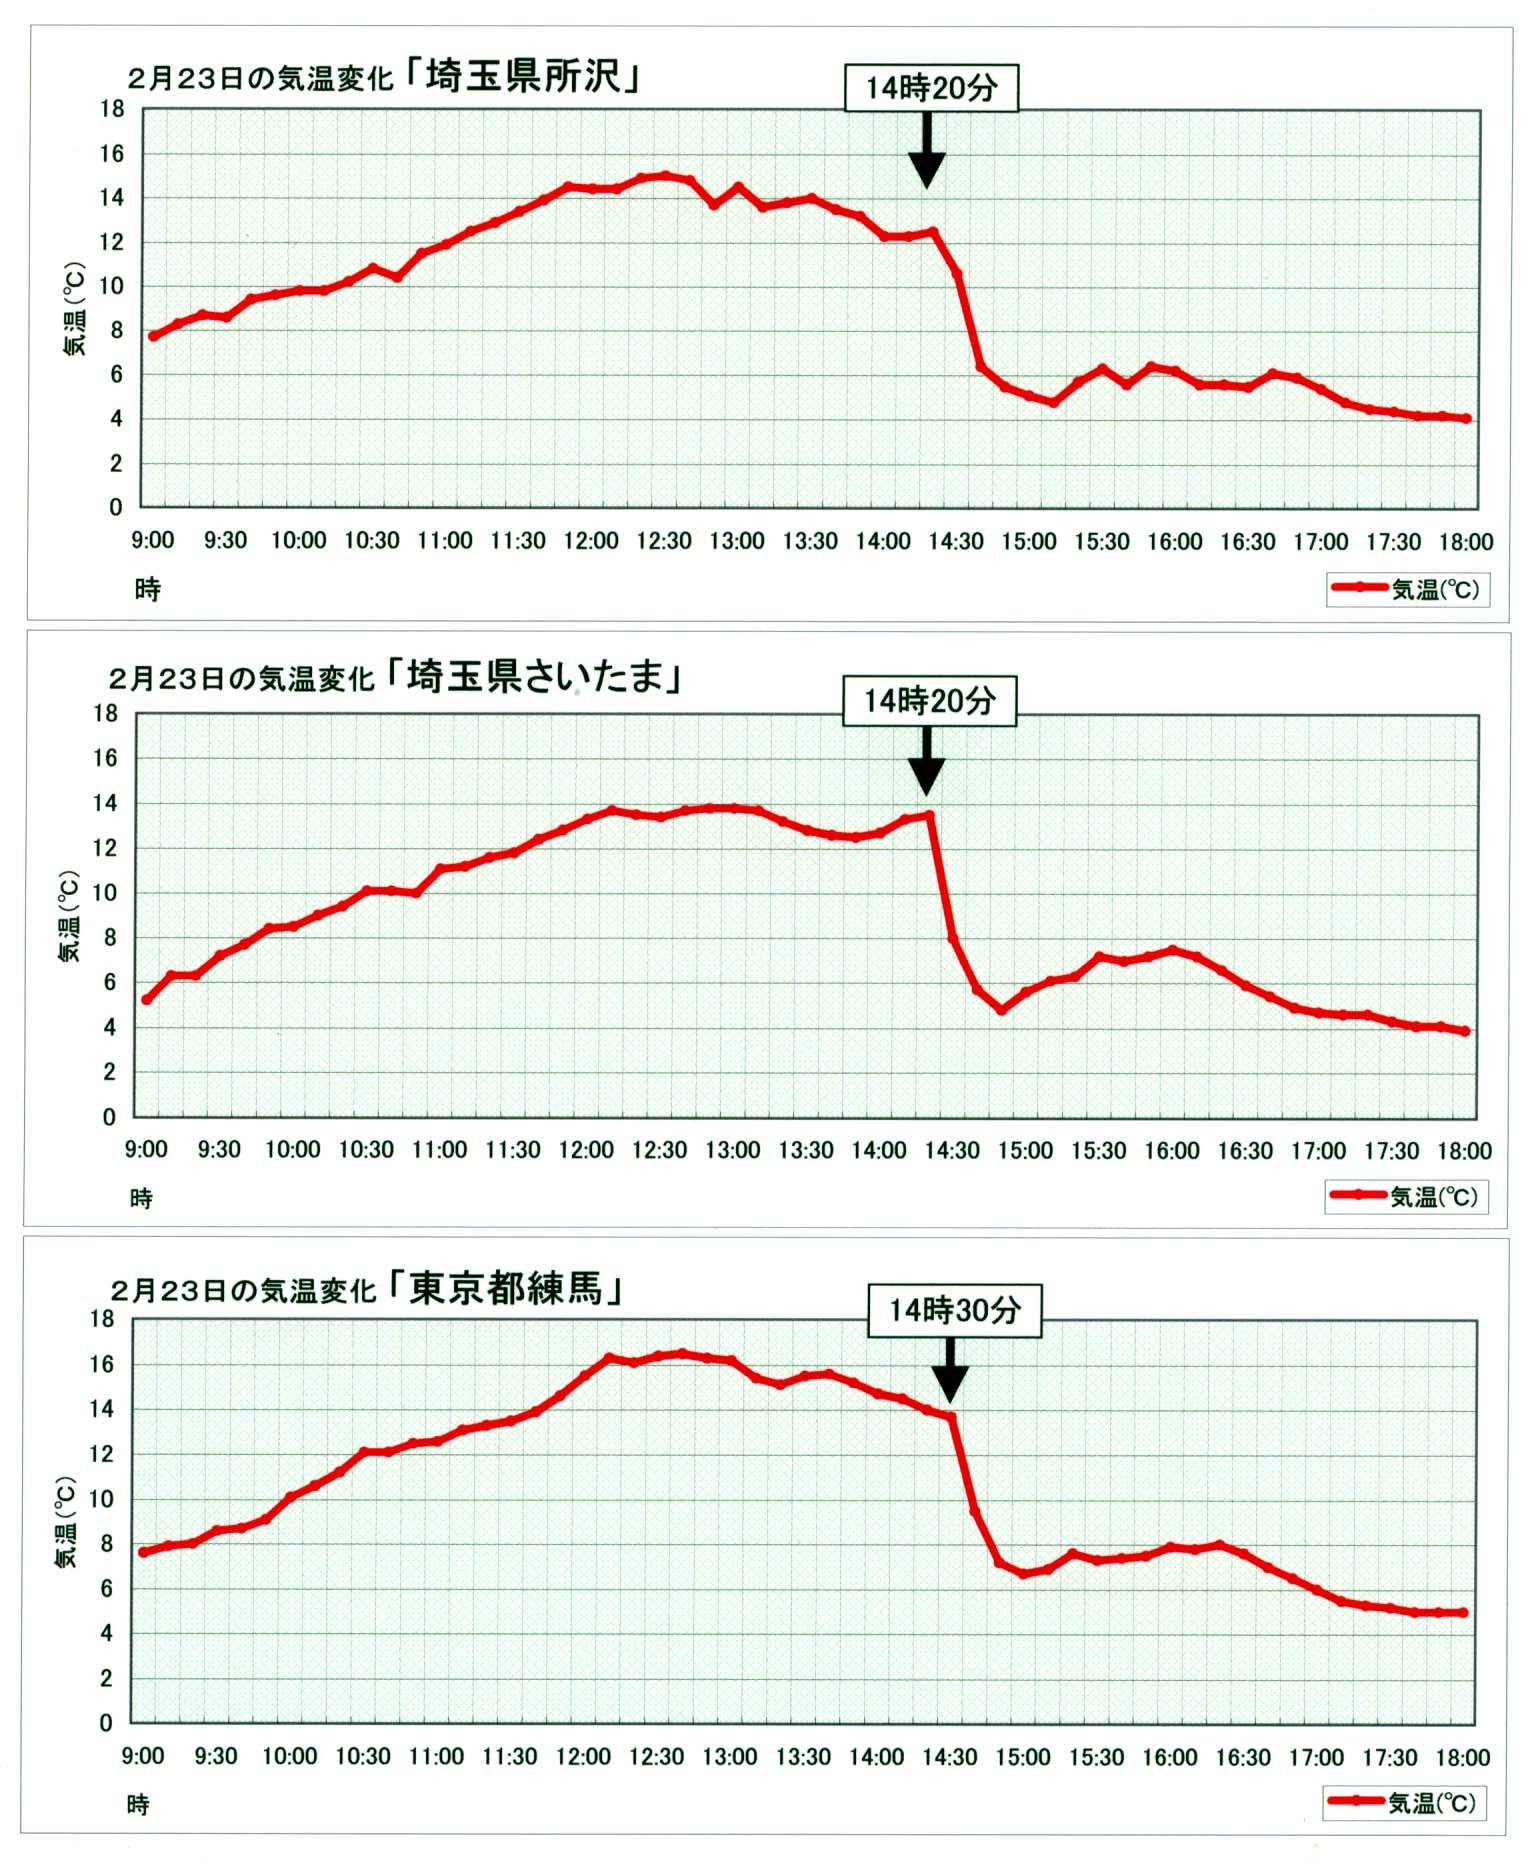 所沢・さいたま・練馬 アメダス気温データグラフ